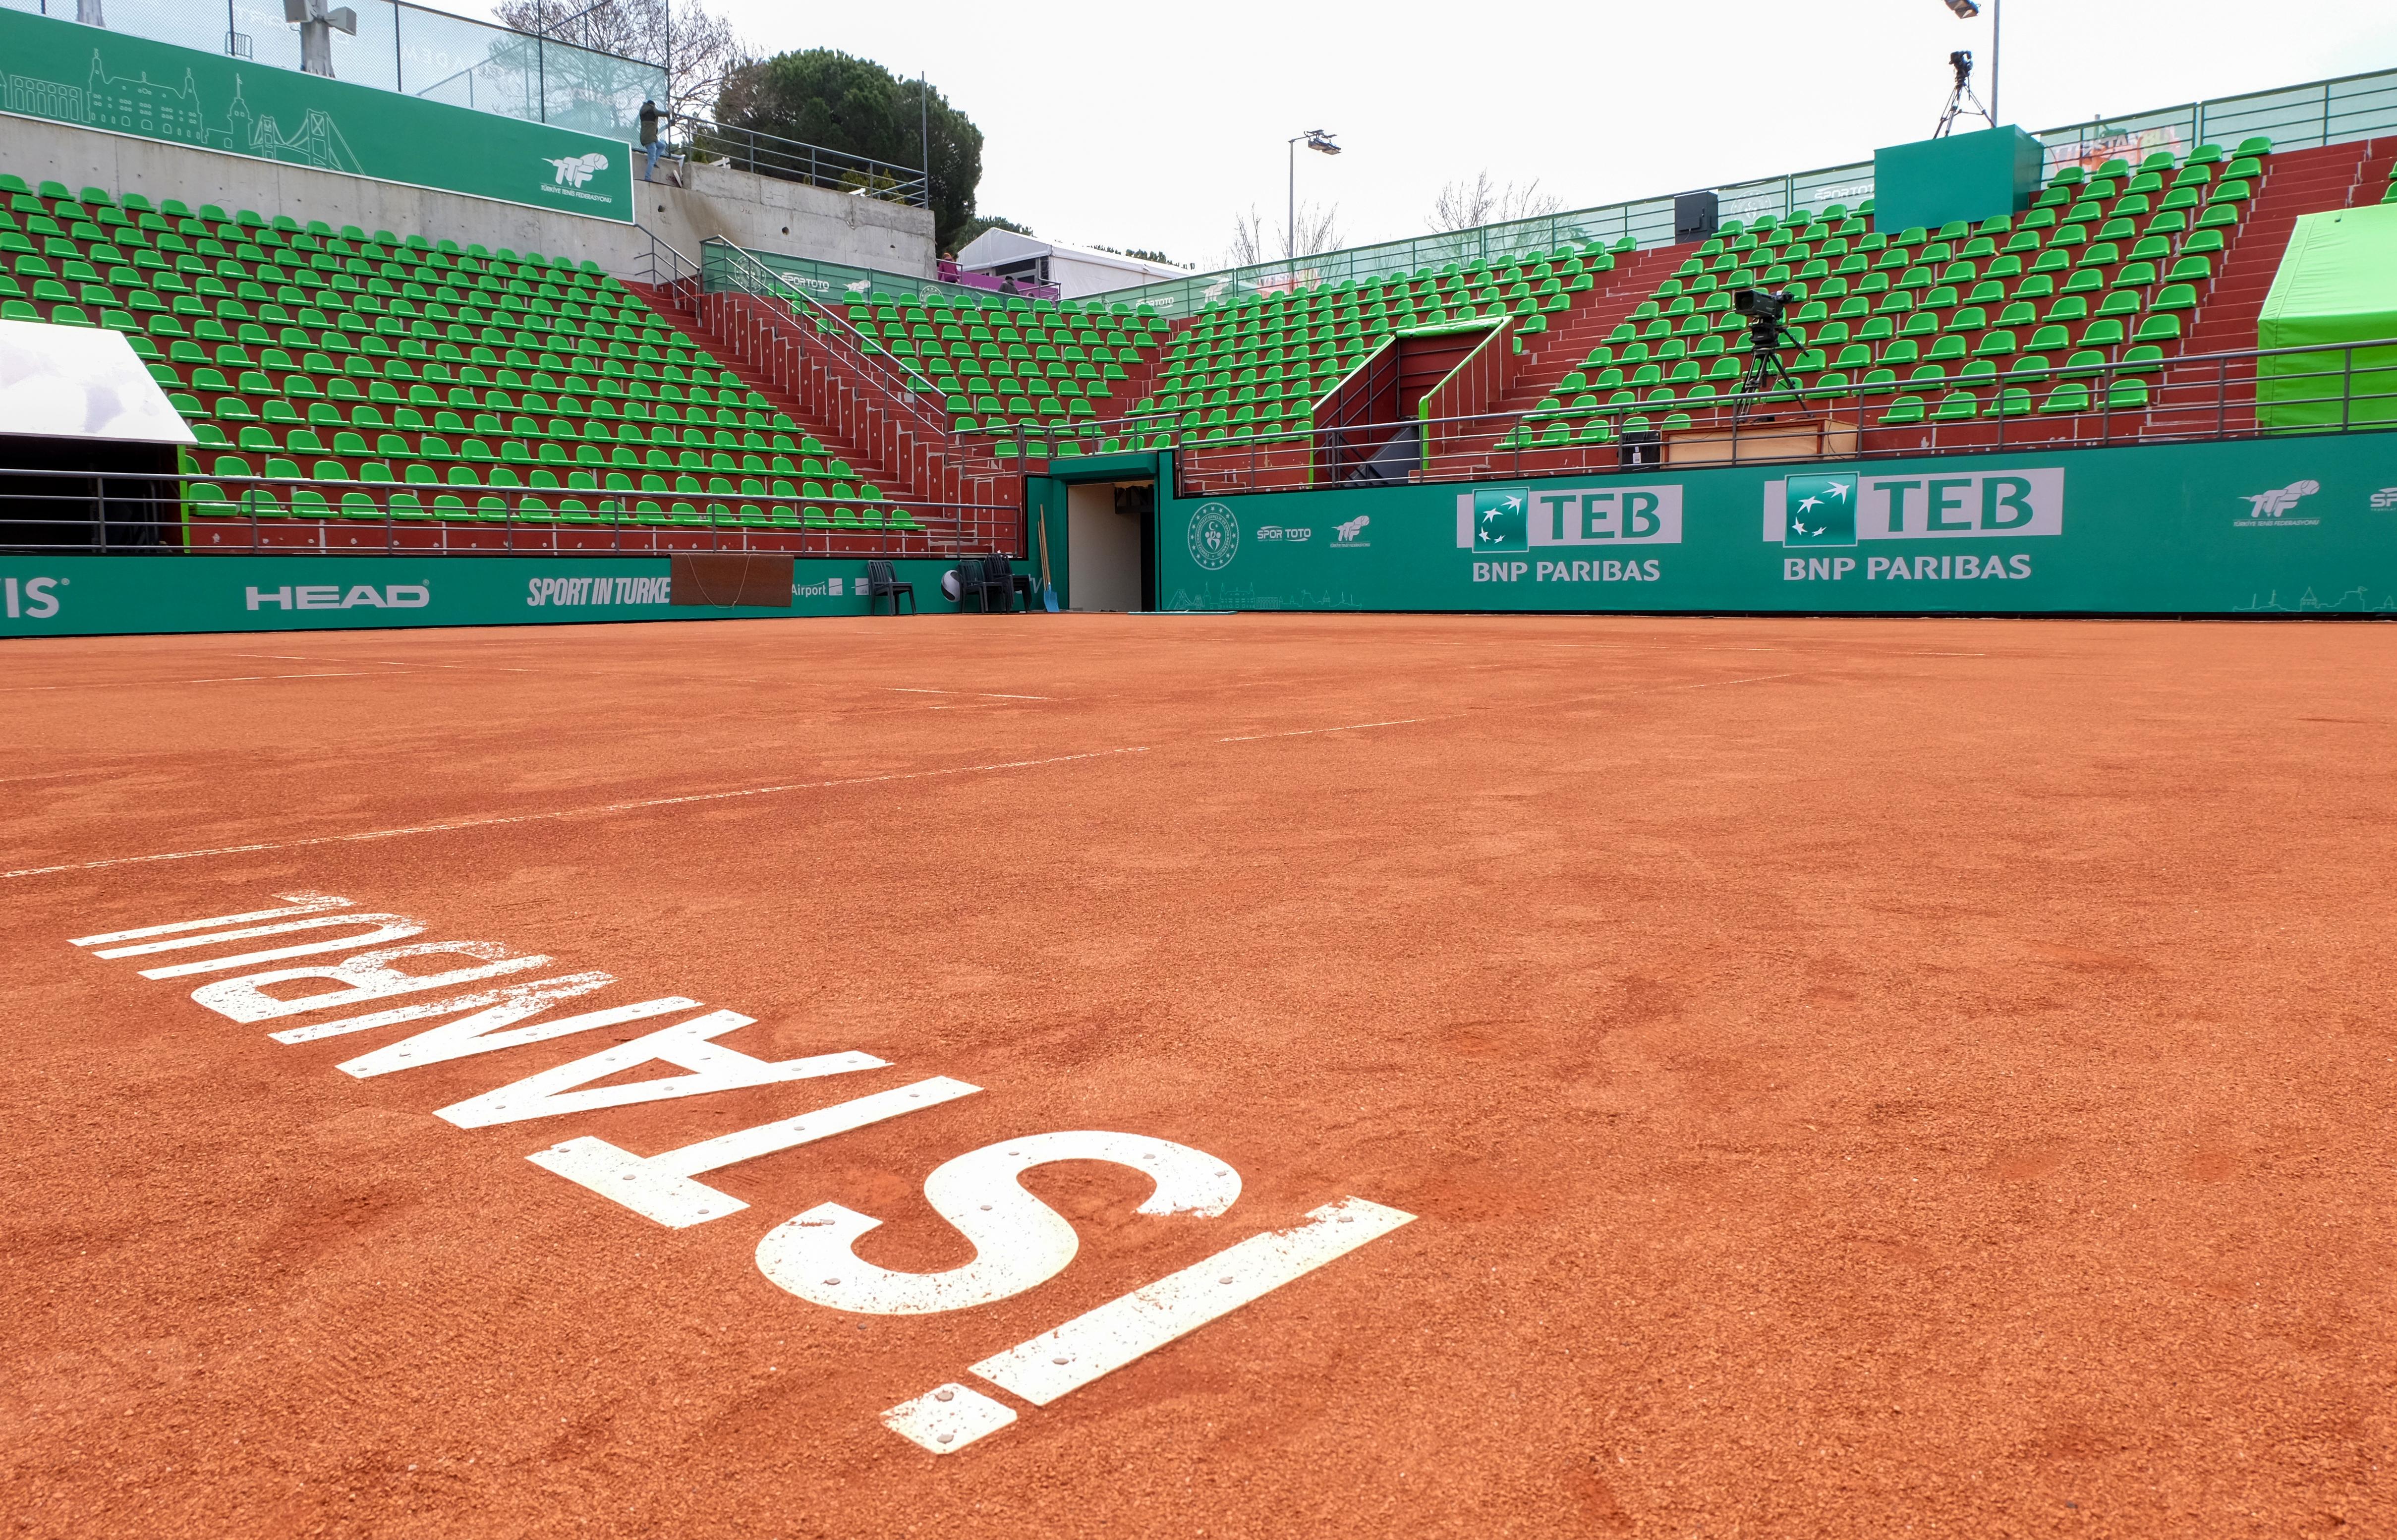 İstanbul'da tenis heyecanı! 19-25 Nisan'da düzenlenecek turnuvanın basın toplantısı gerçekleştirildi